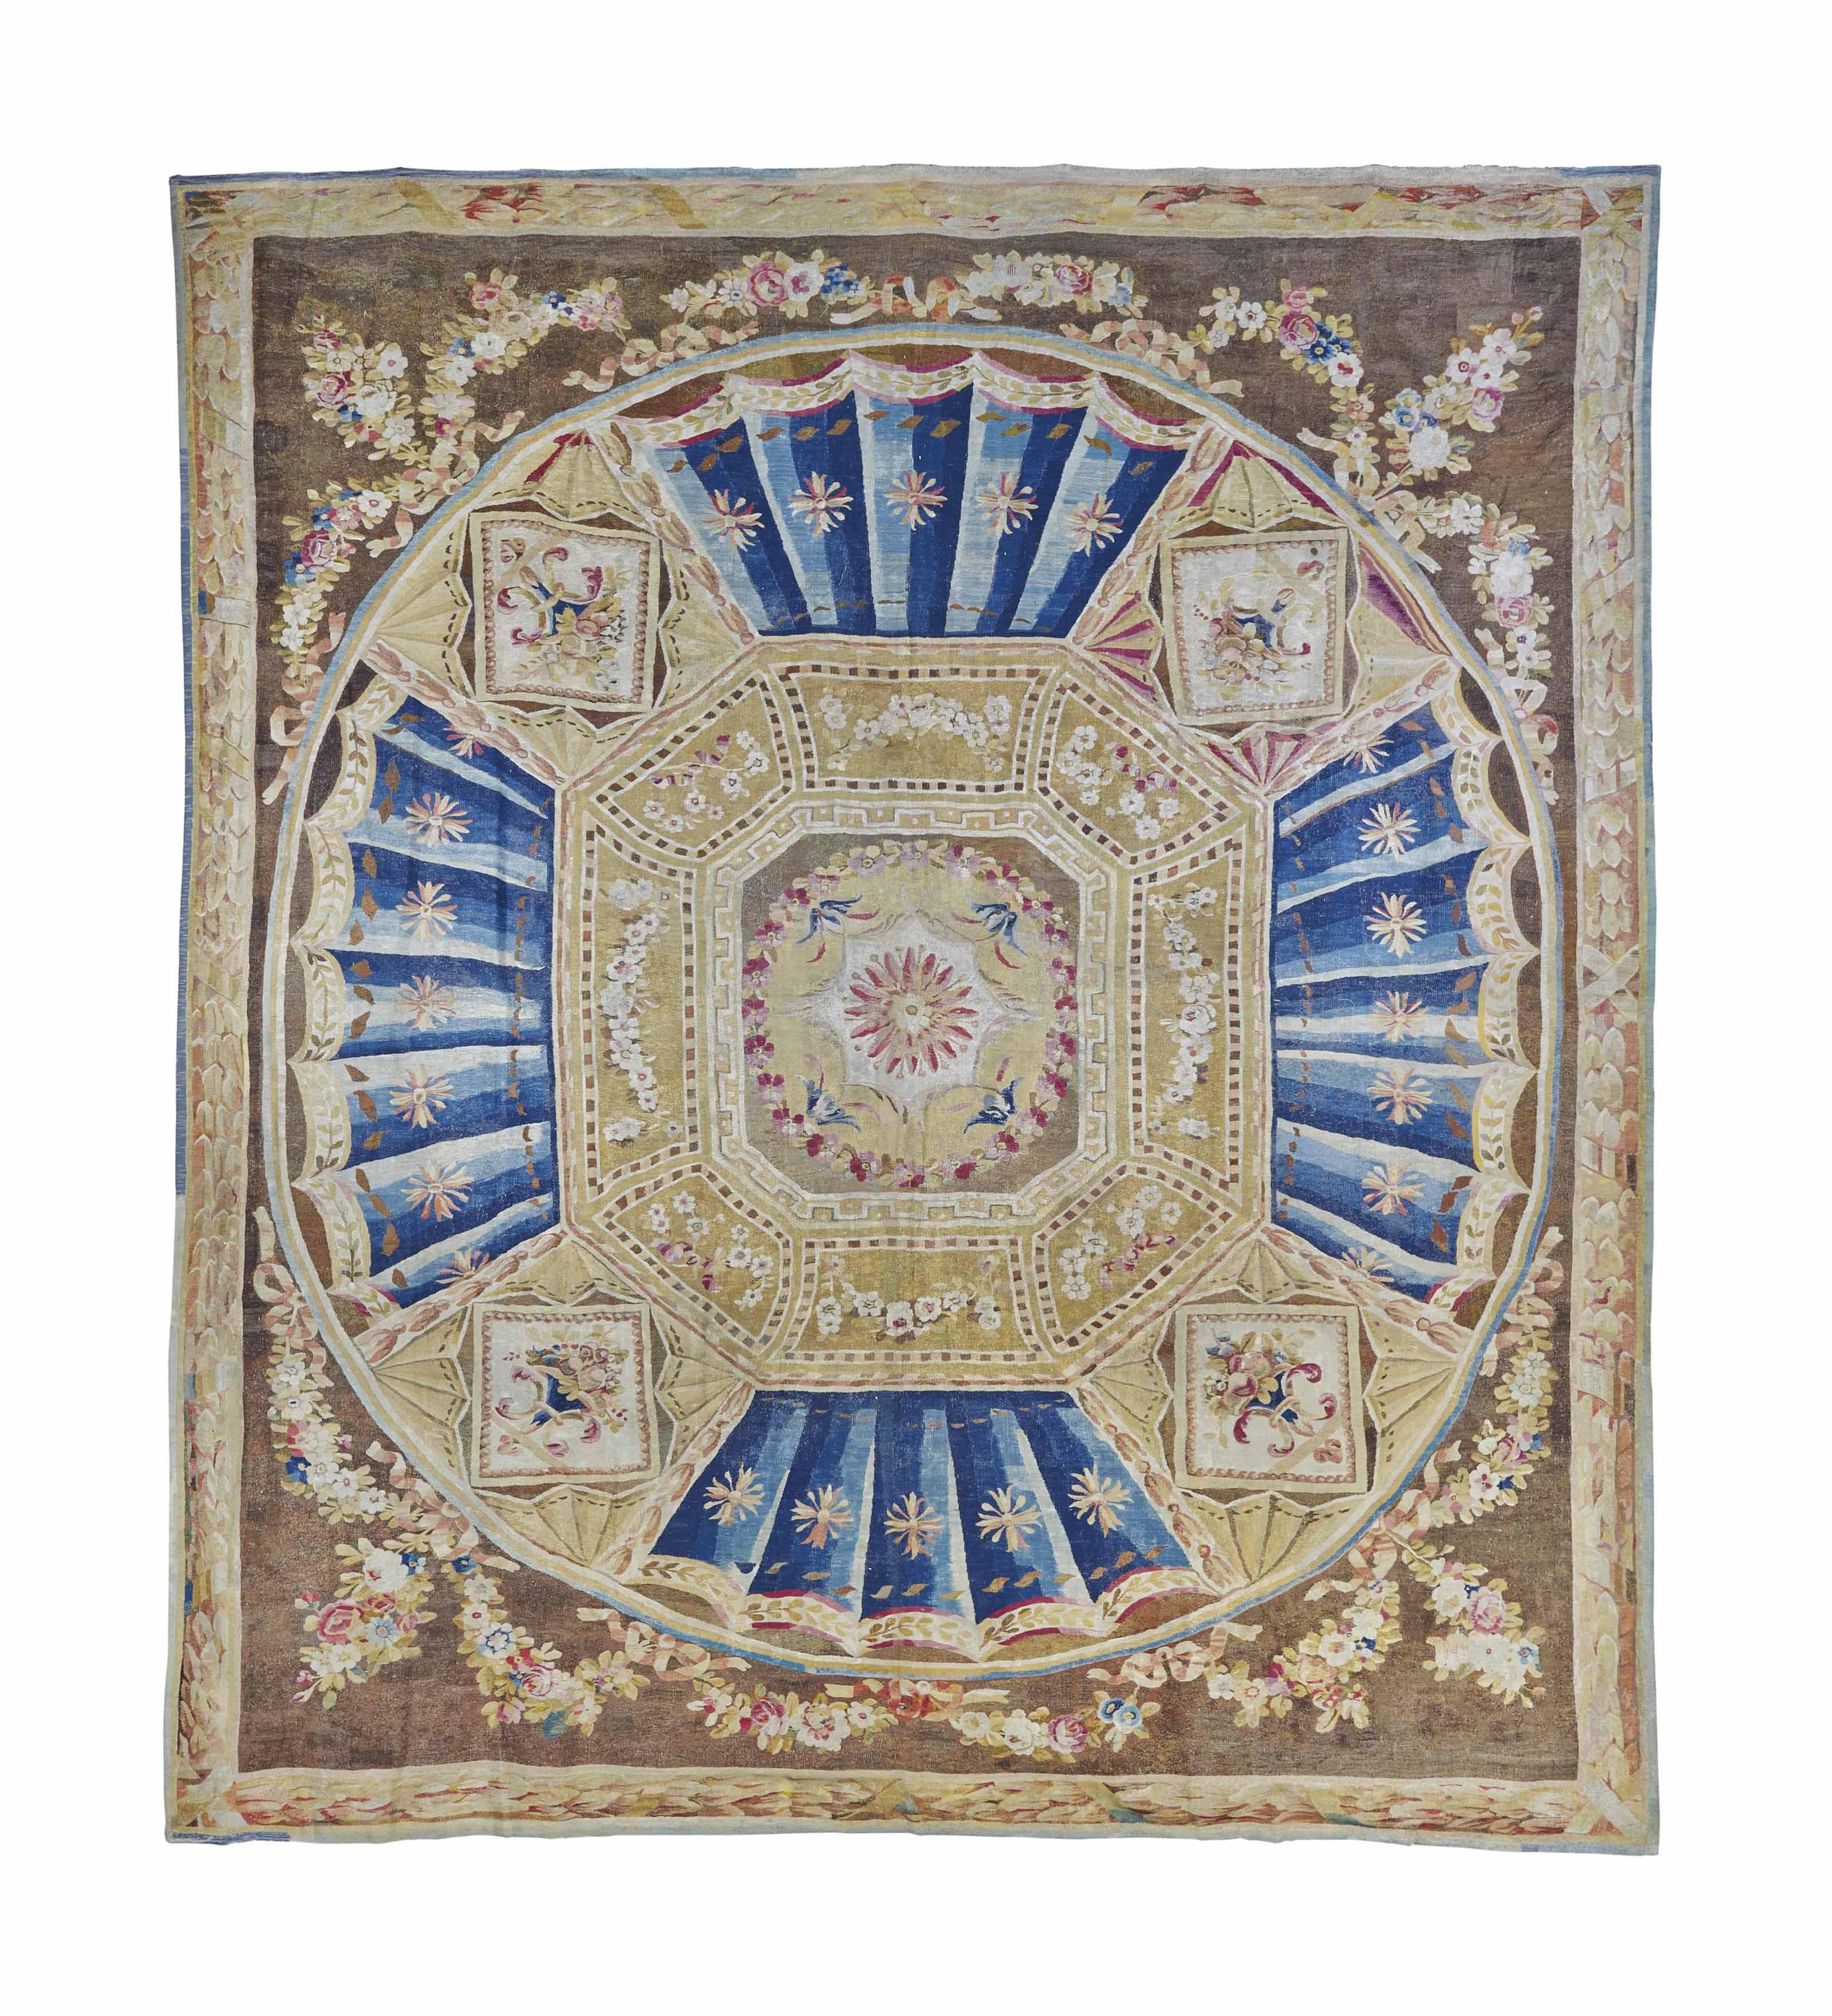 tapis d 39 epoque directoire aubusson fin du xviiieme siecle christie 39 s. Black Bedroom Furniture Sets. Home Design Ideas